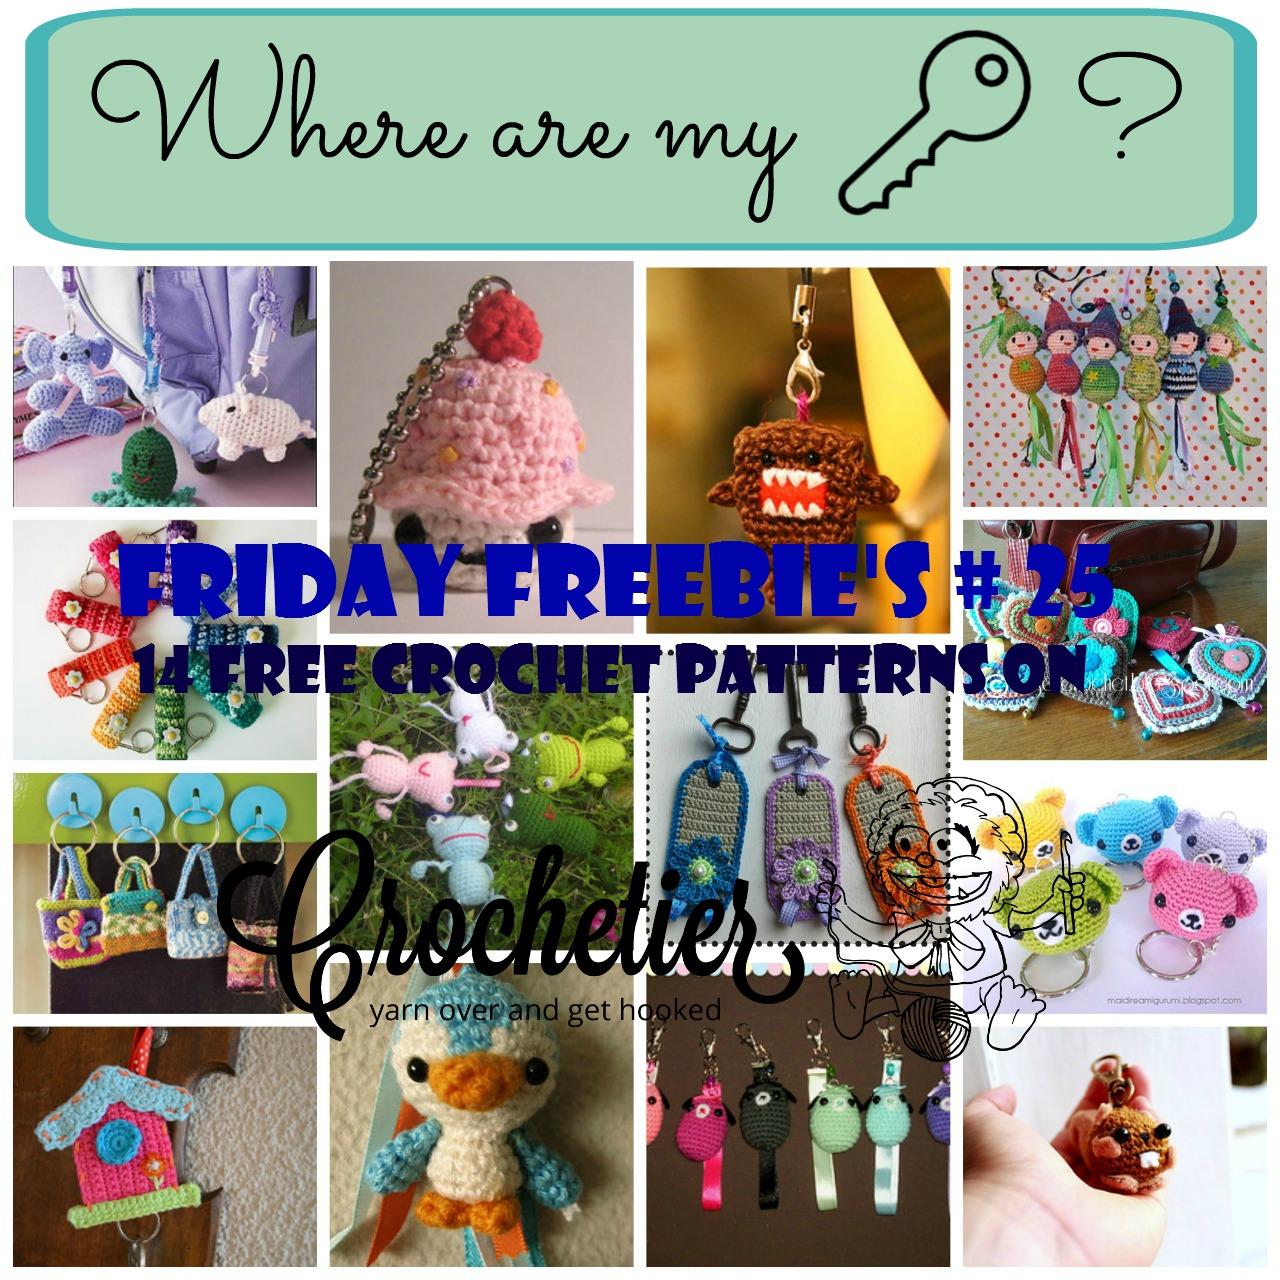 Friday Freebie s # 25 Keychains Crochetier.com